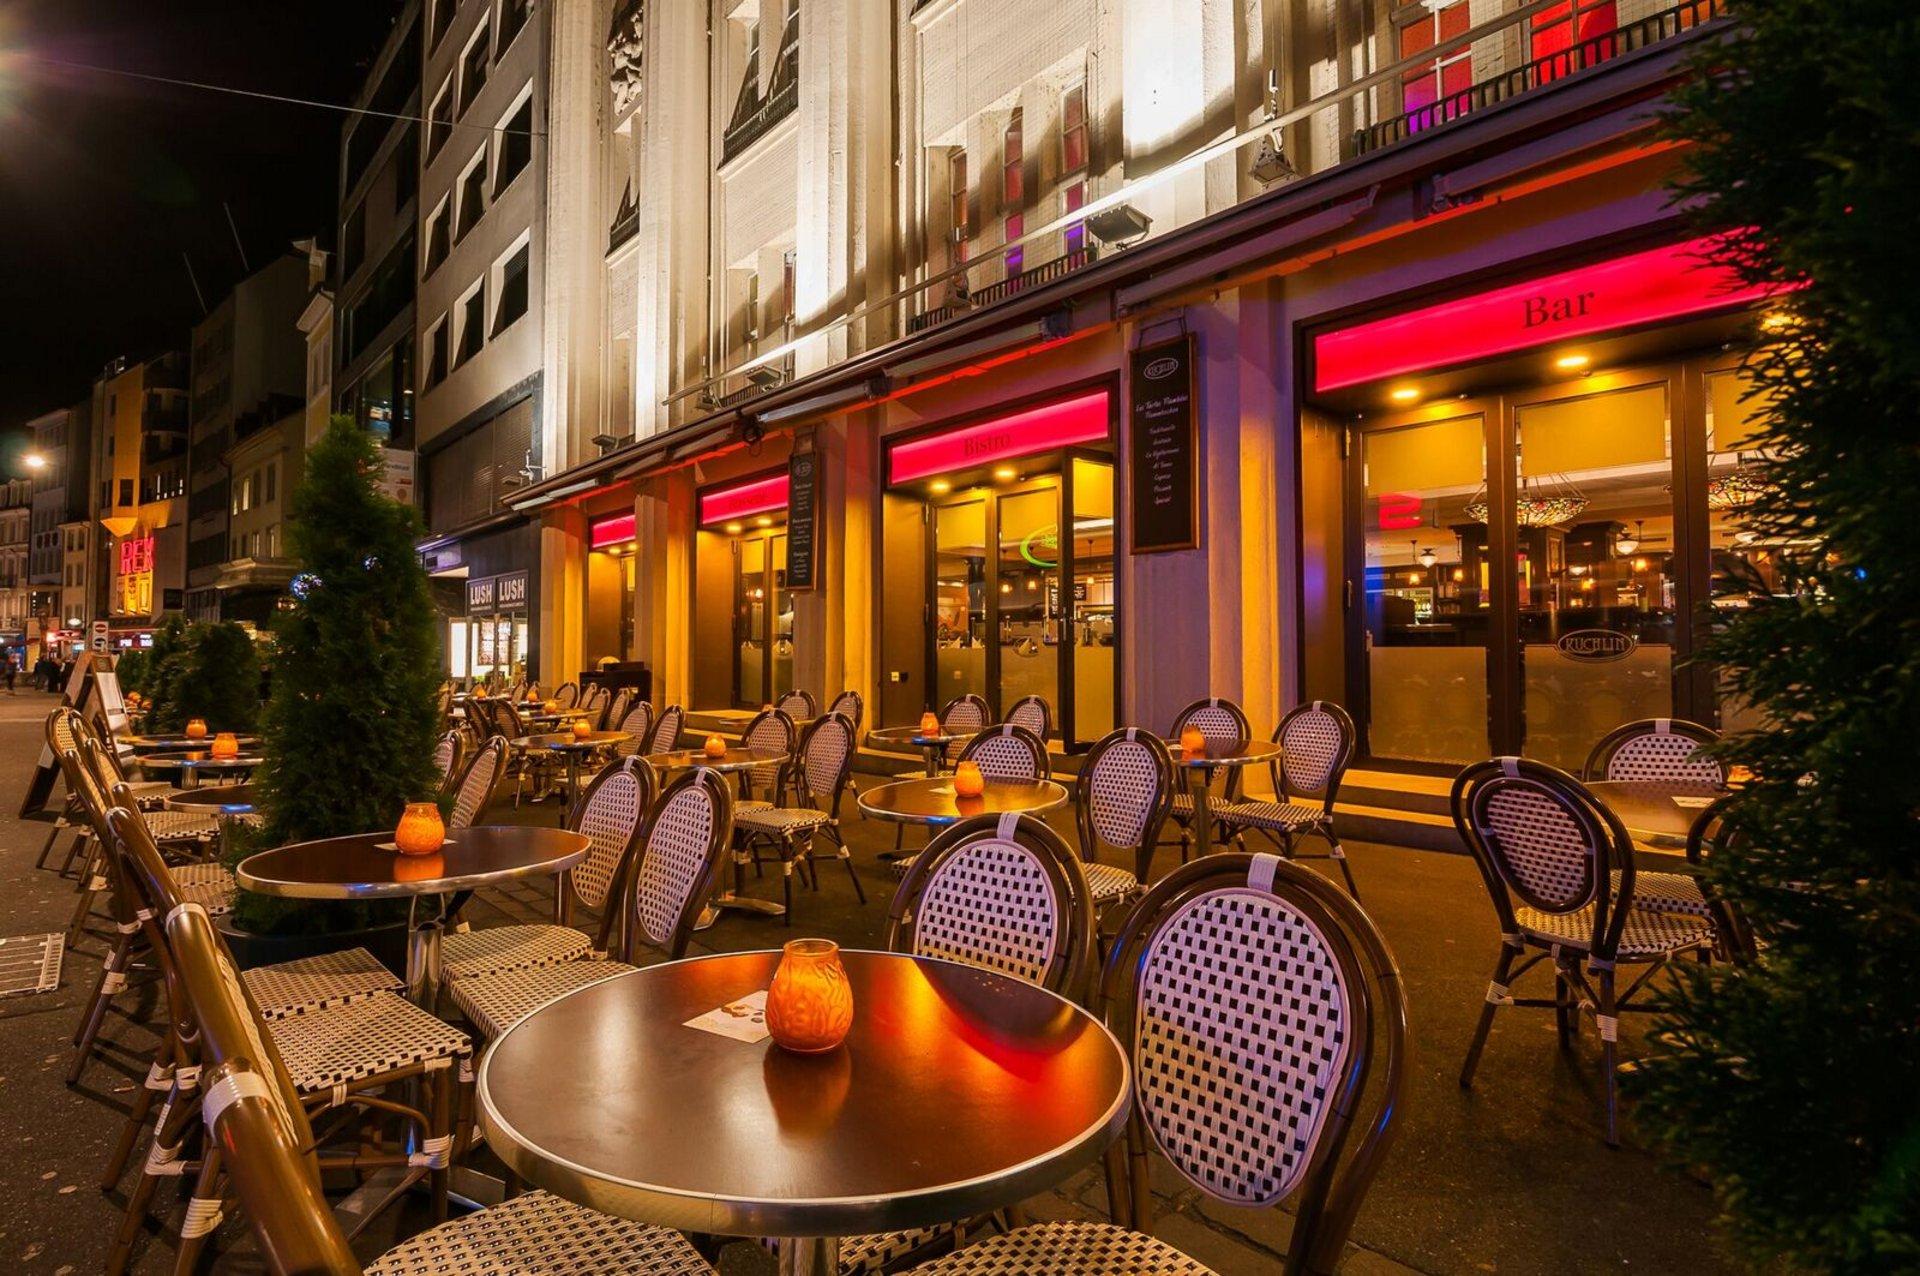 Aussenansicht vom Restaurant mit runden Tischen und Stühlen